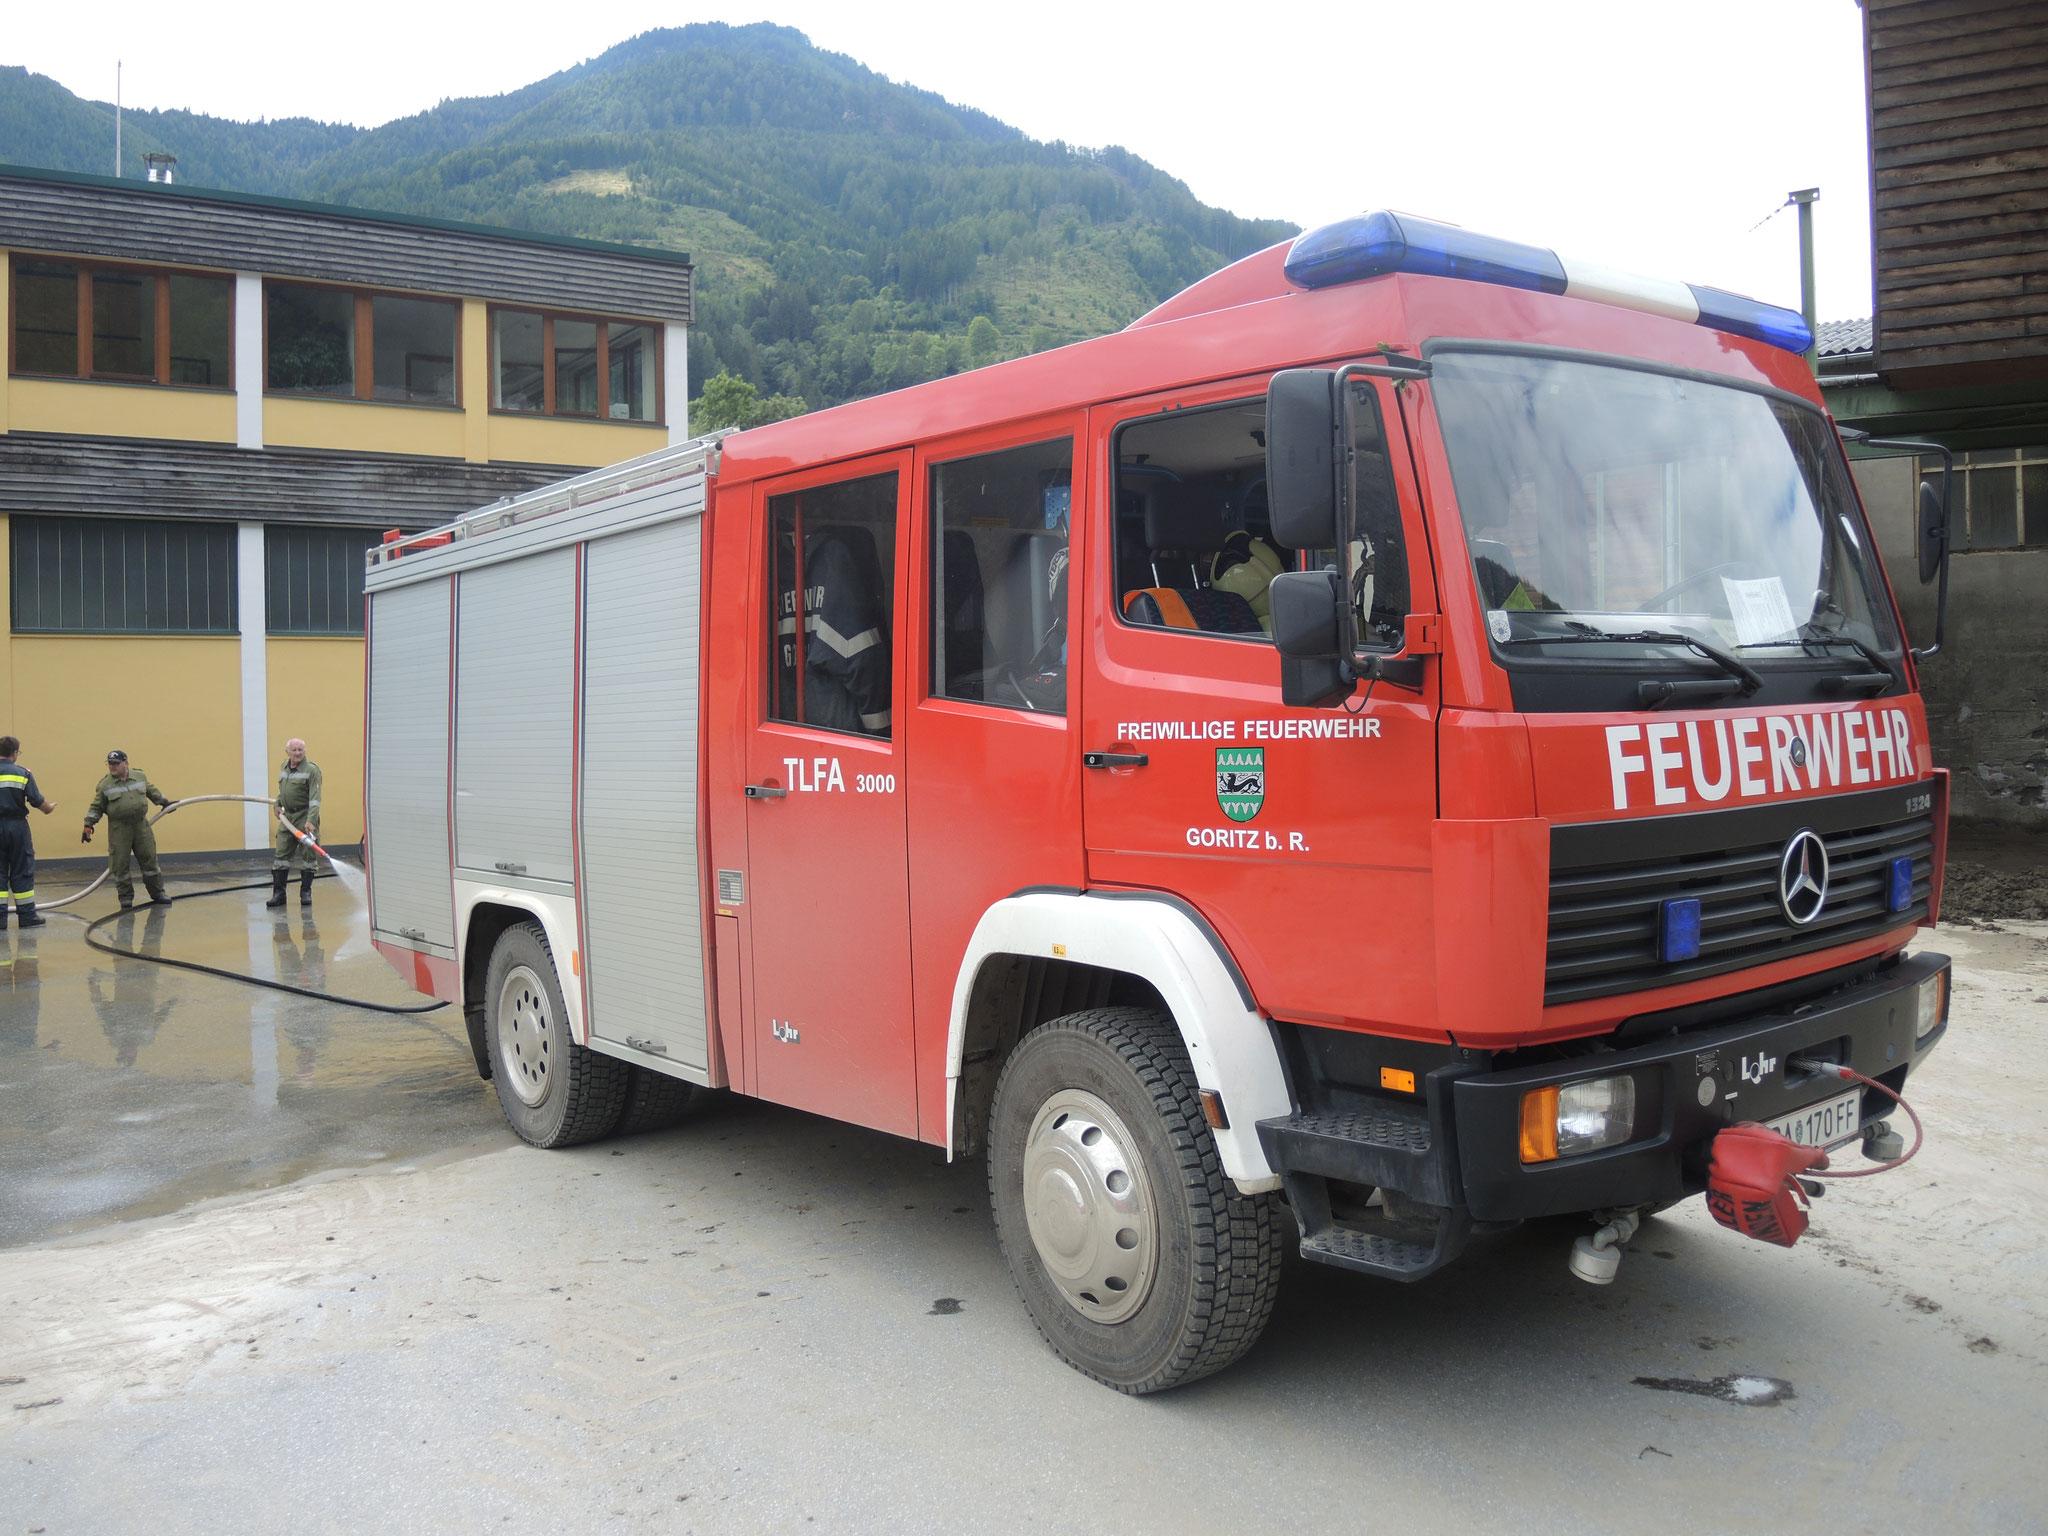 KHD Einsatz, FF Goritz bei Bad Radkersburg, Austria